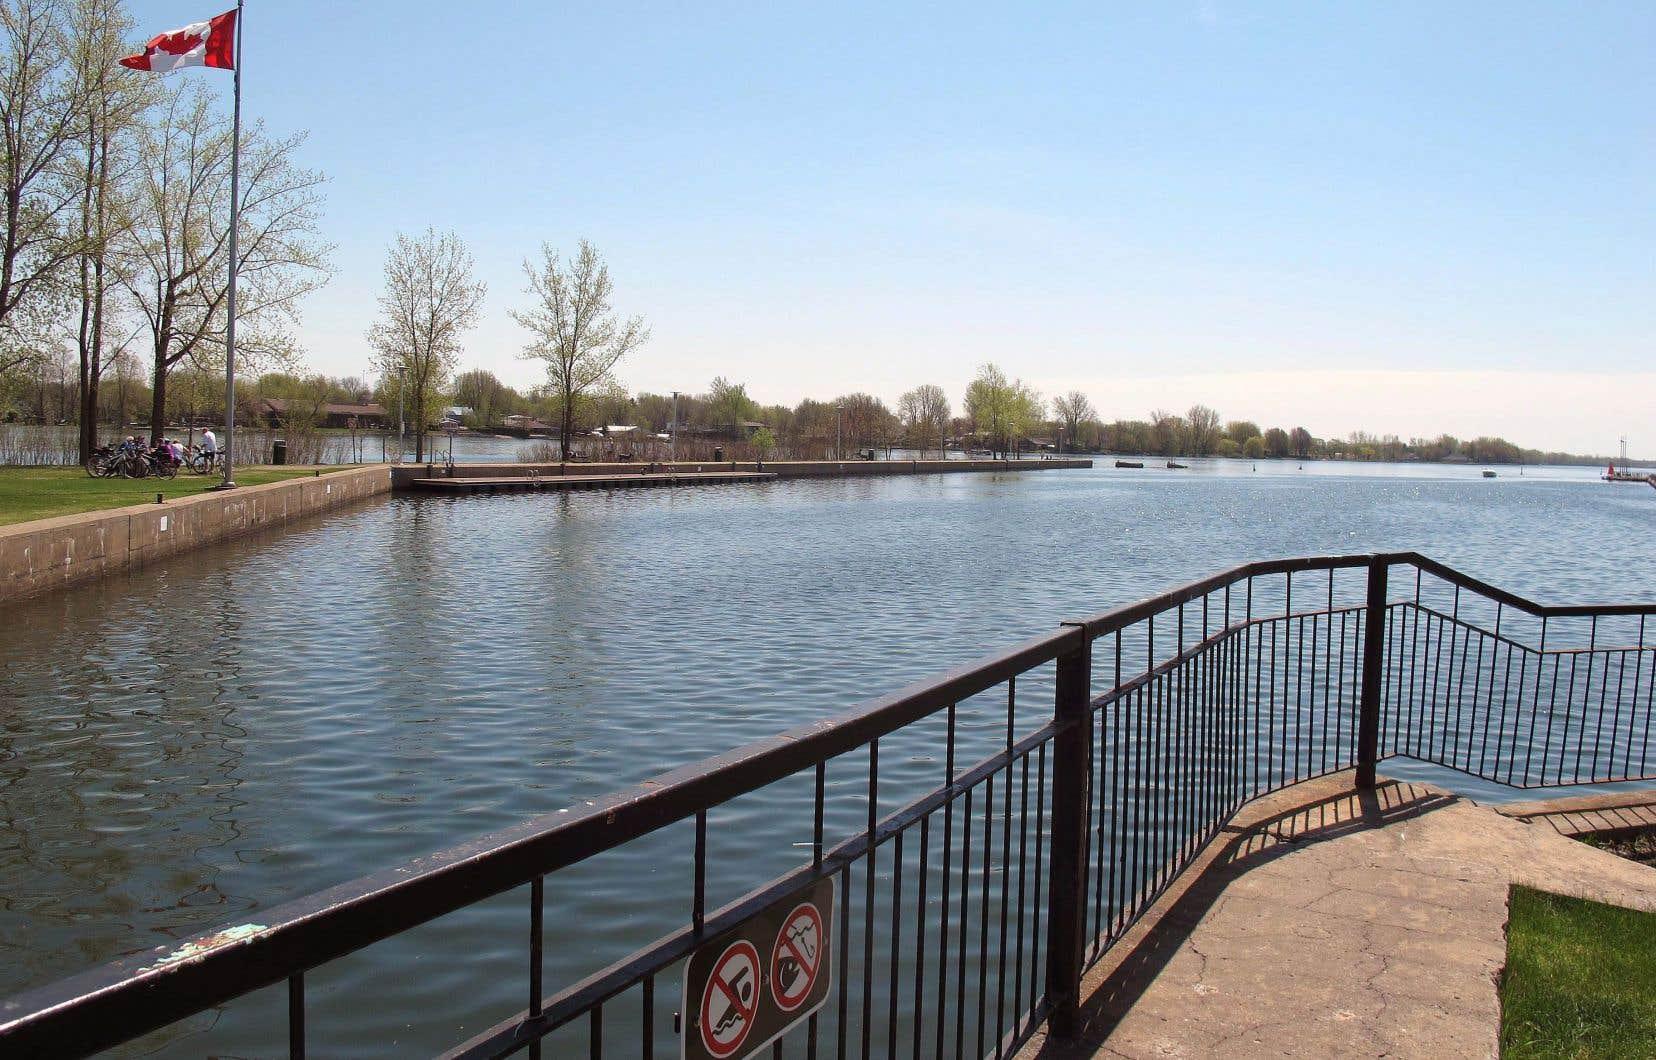 La rivière Richelieu fait partie des cours d'eau ciblés par la Fondation Rivières dans son étude.